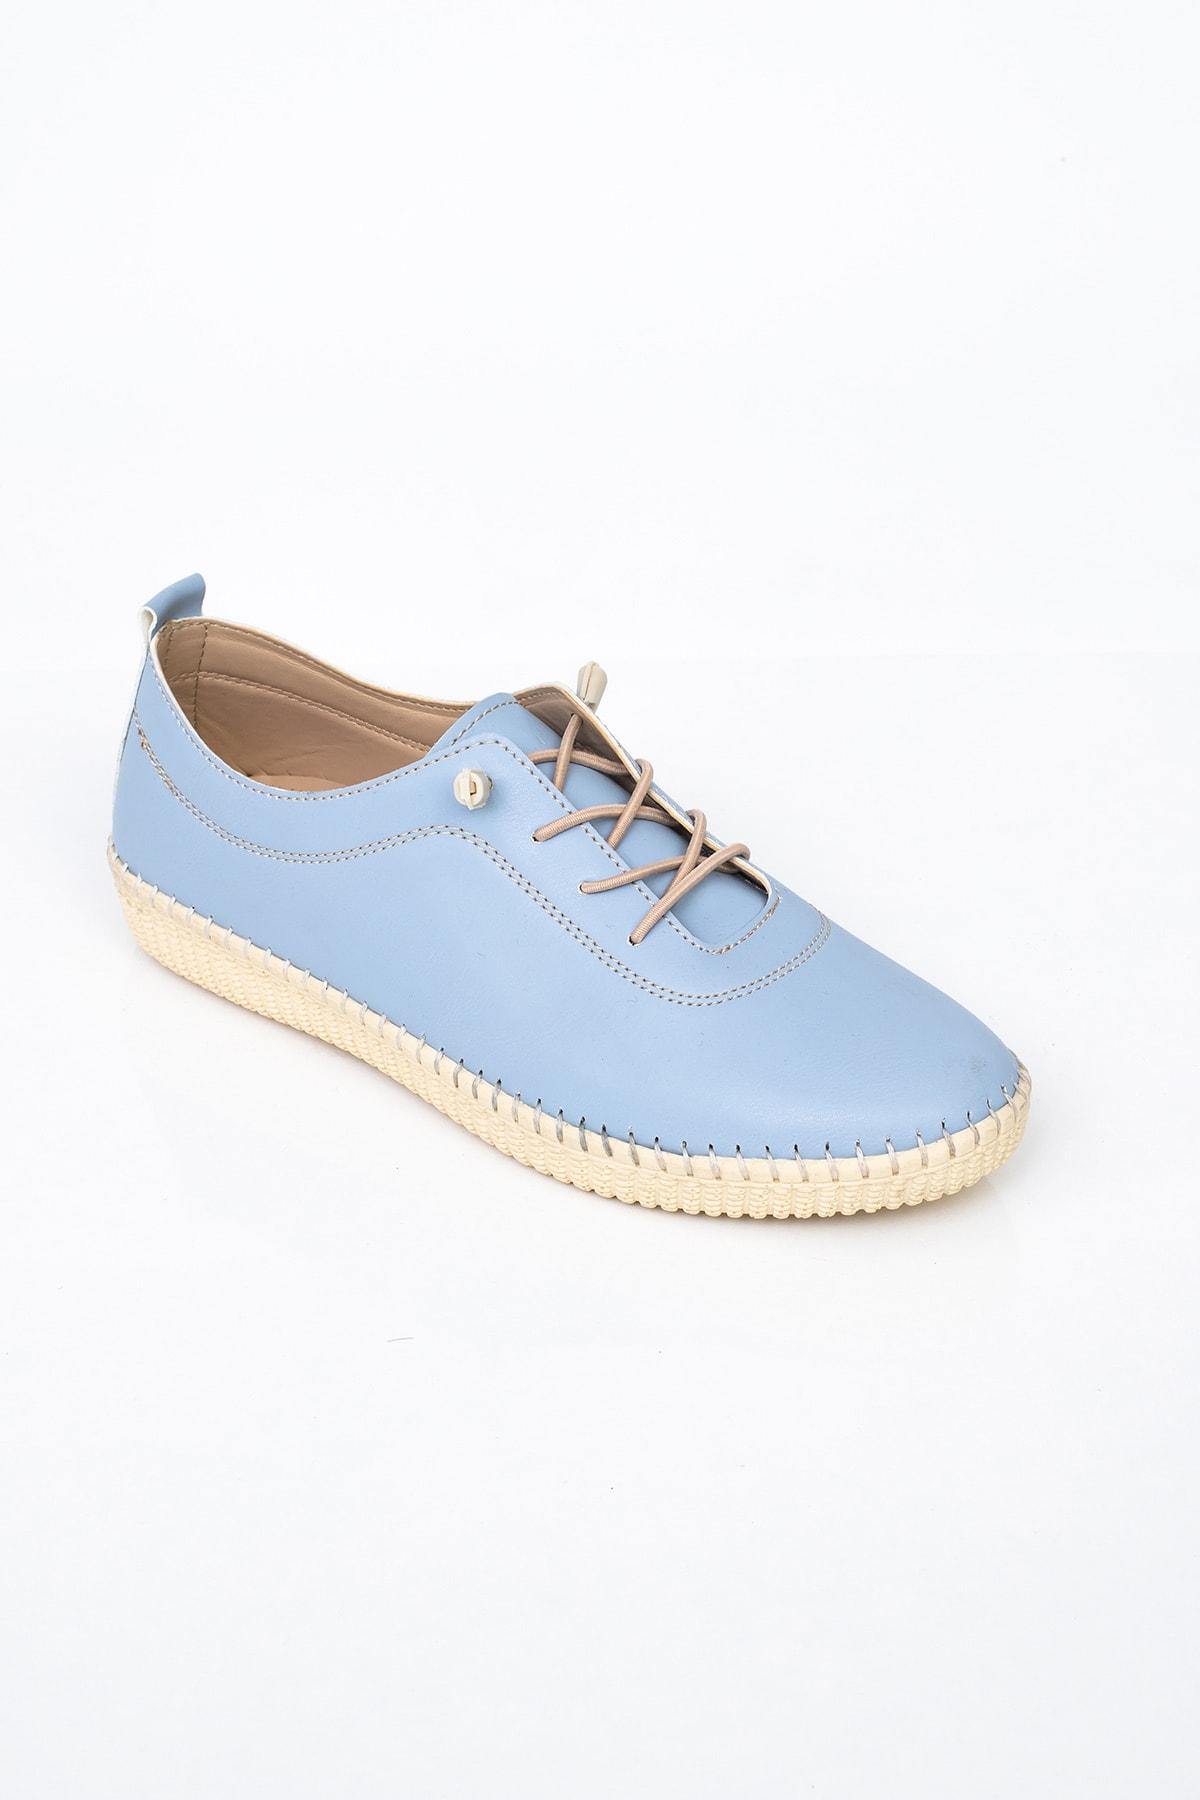 MelikaWalker Comfort Ve Ortopedik Bayan D. Mavisi Günlük Rahat Lastik Bağcıklı Hava Alabilen Bayan Ayakkabı 2